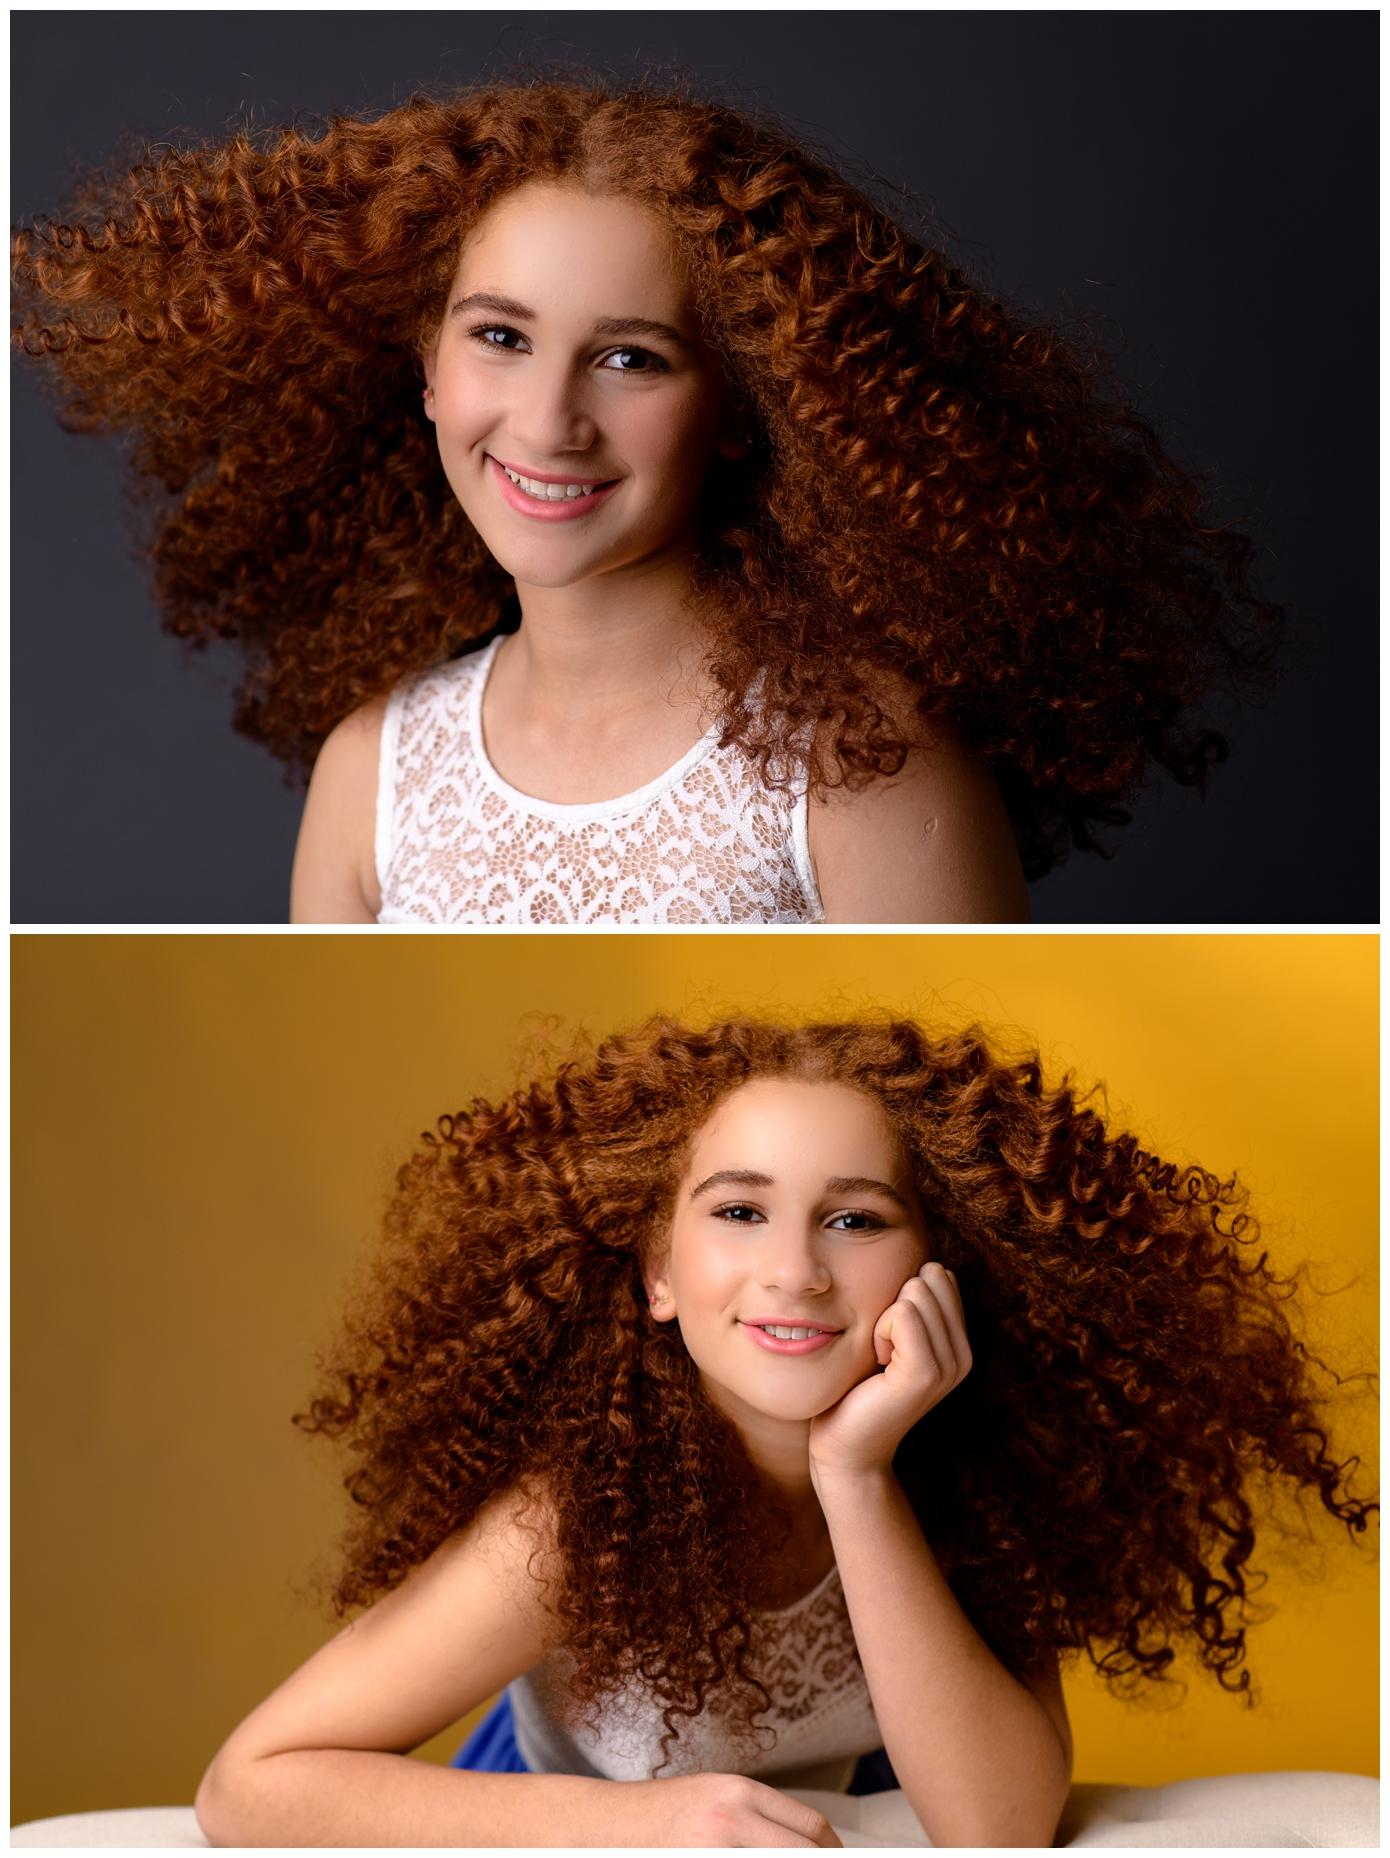 Tween Acting Model Headshots Laila Washington Dc Headshots Shala W Graham Photography